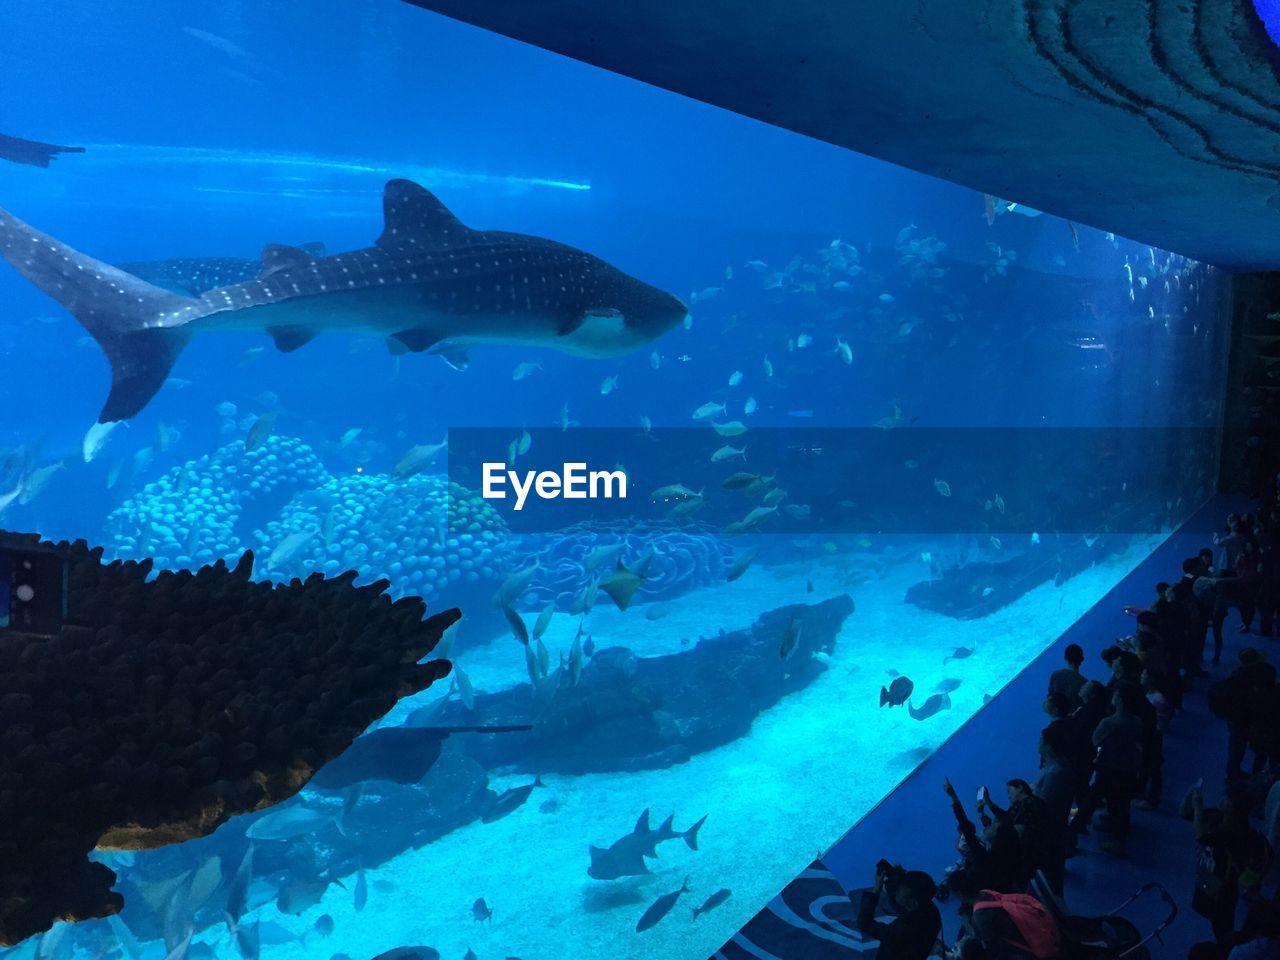 People Watching Whale Shark In Aquarium